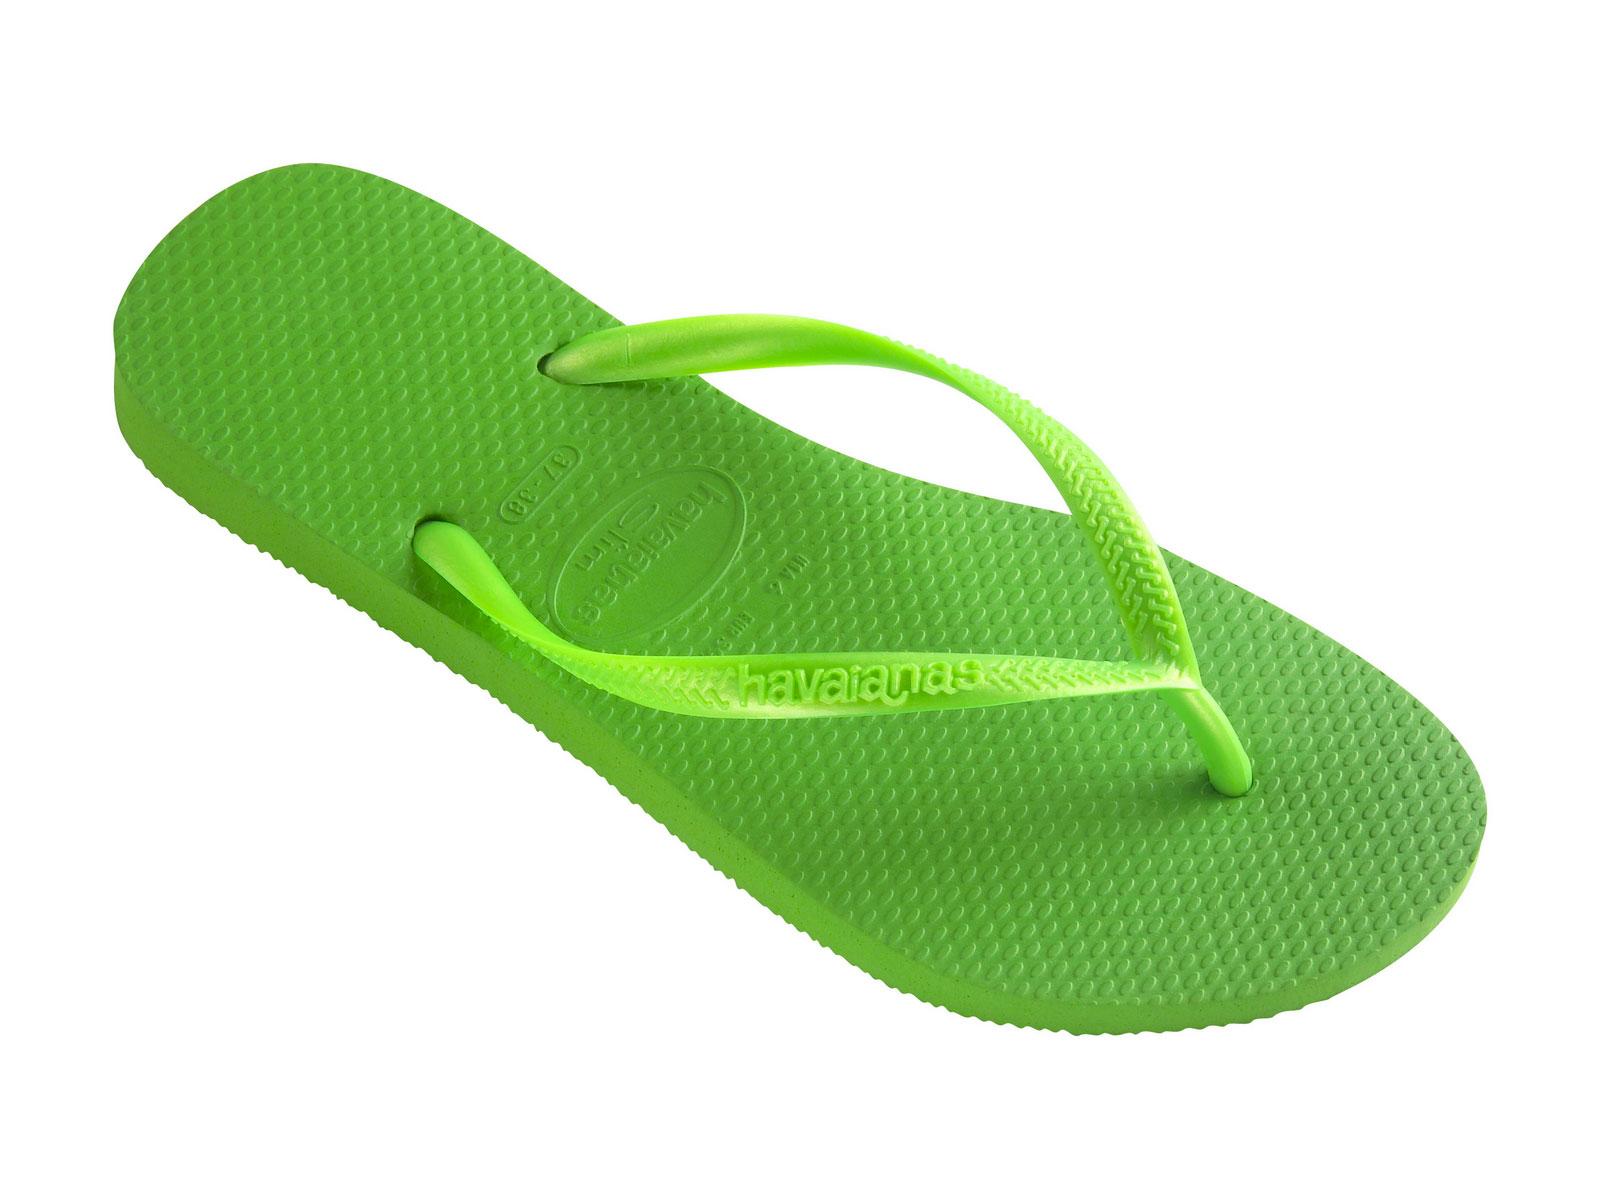 Flip-flops - Slim Neon Green